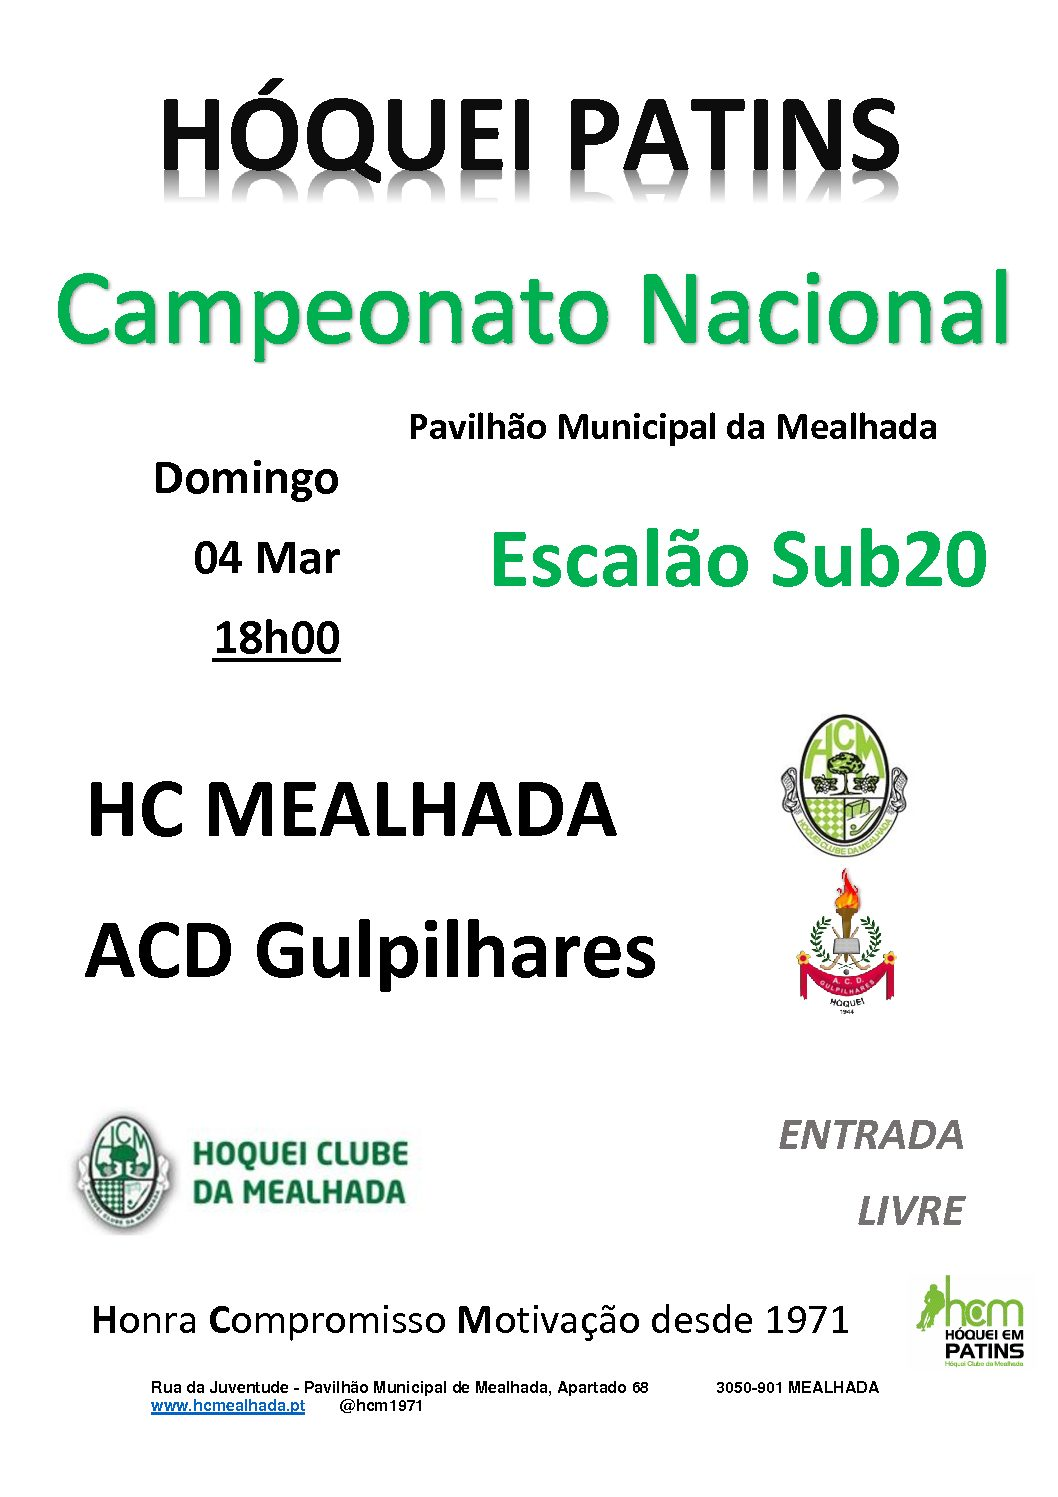 Sub20 do HCM defrontam ACD Gulpilhares na 4ª Jornada do Campeonato Nacional